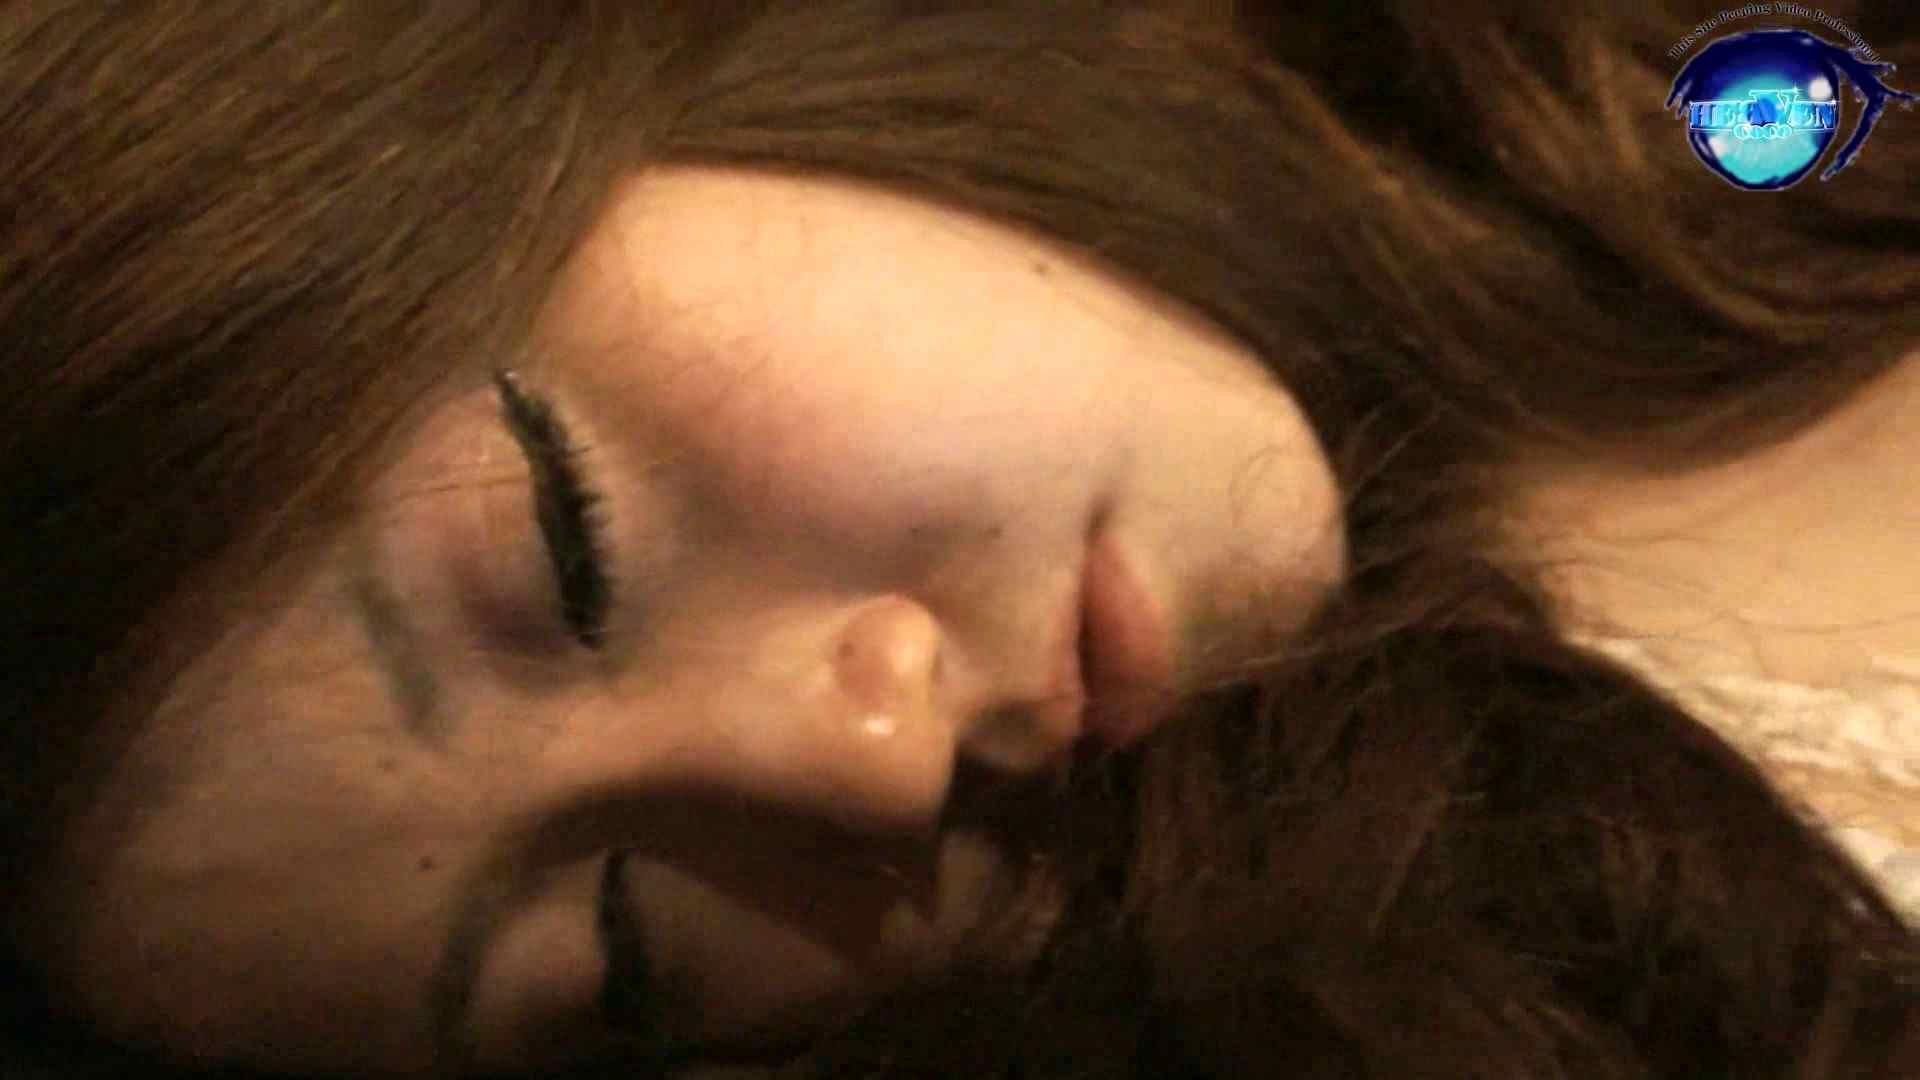 睡魔 シュウライ 第十話 前編 イタズラ映像   エロい女子大生  11枚 7